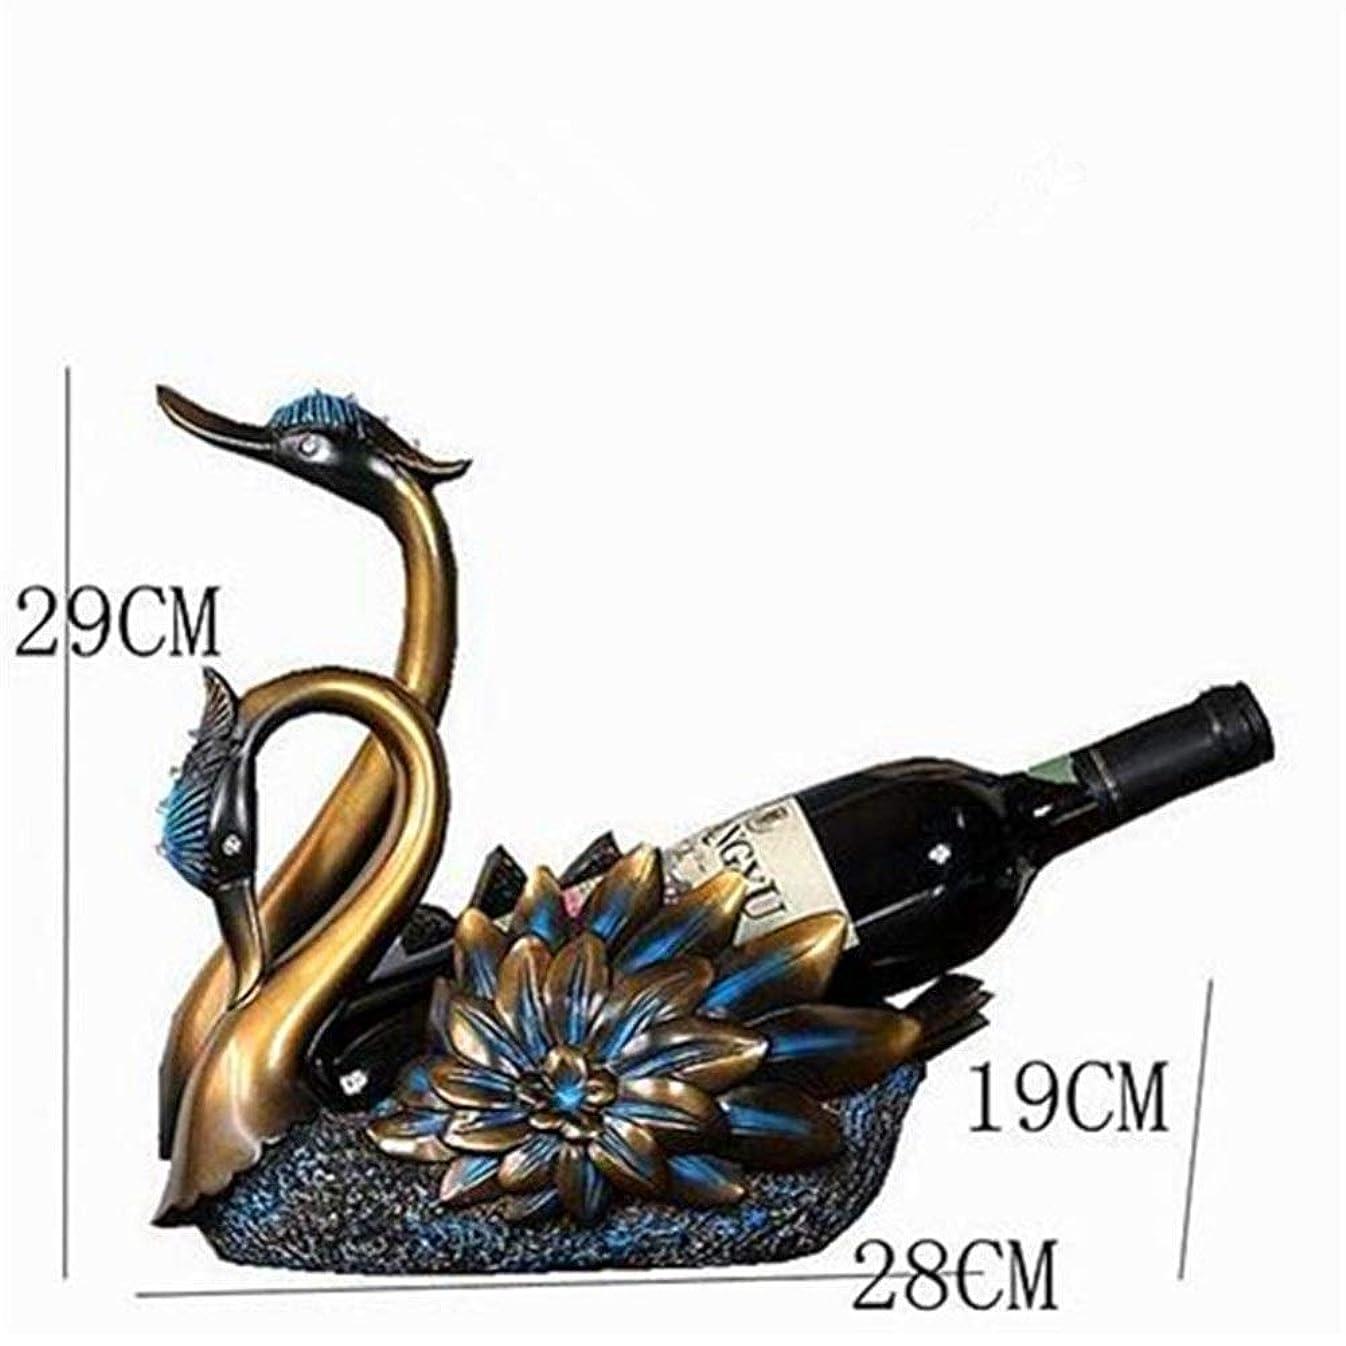 課税模索打ち上げるエレガントな白鳥の赤ワインラックヨーロピアンスタイルのレトロコロフォニー工芸ワインキャビネット装飾 ワインホルダー